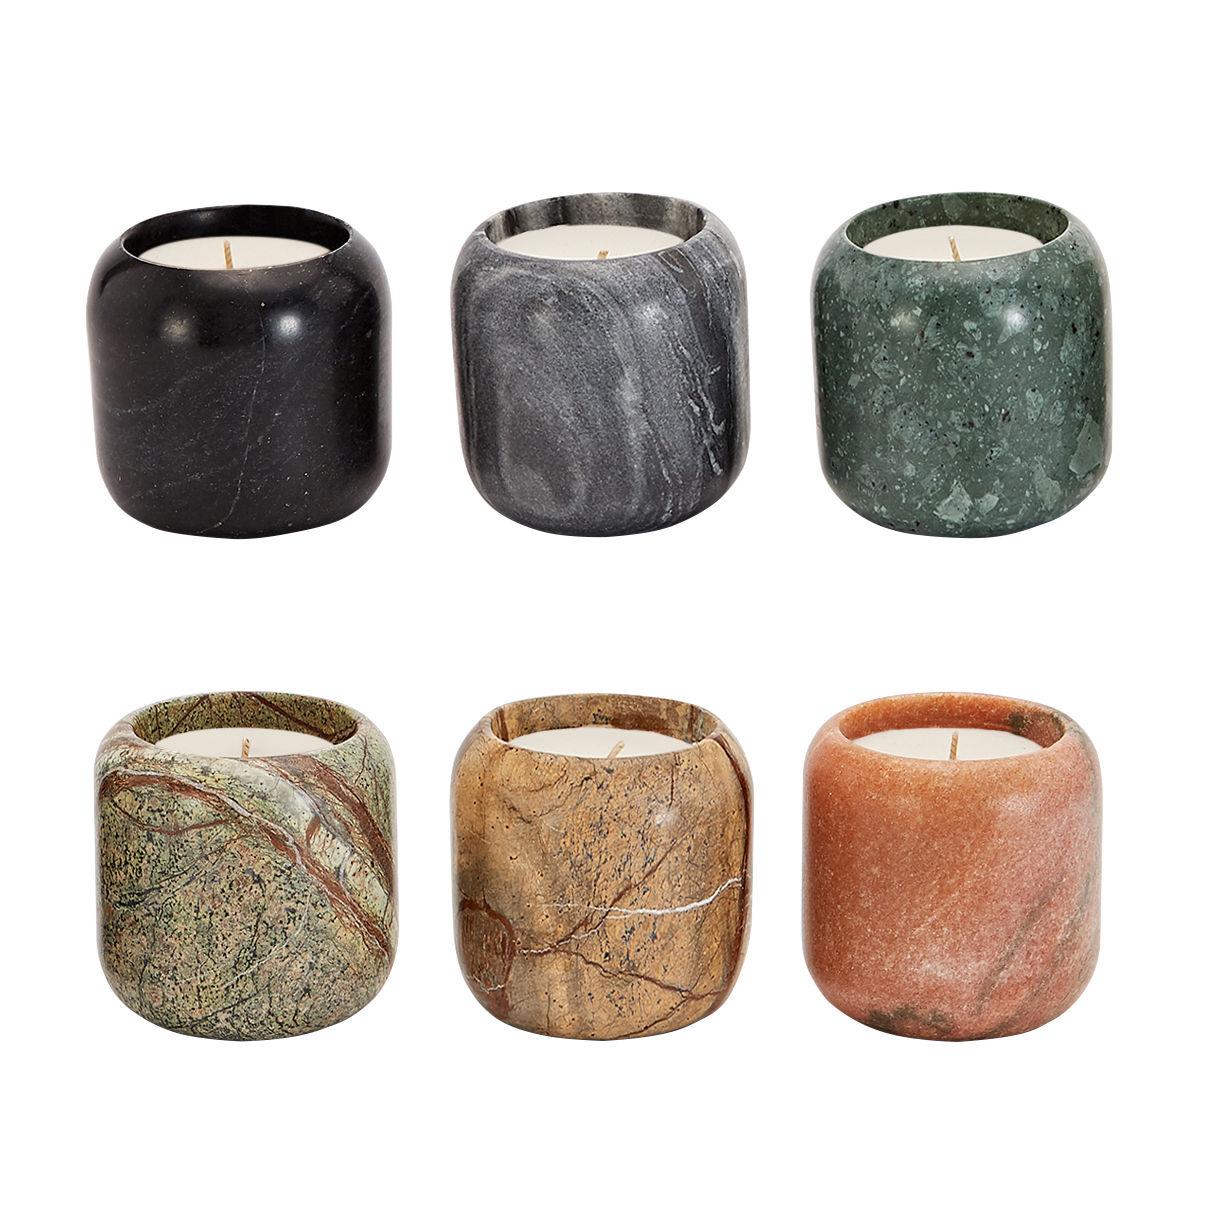 Déco - Bougeoirs, photophores - Bougie parfumée Stone Giftset / Set de 6 - Marbre - Tom Dixon - Marbres multicolores - Marbre